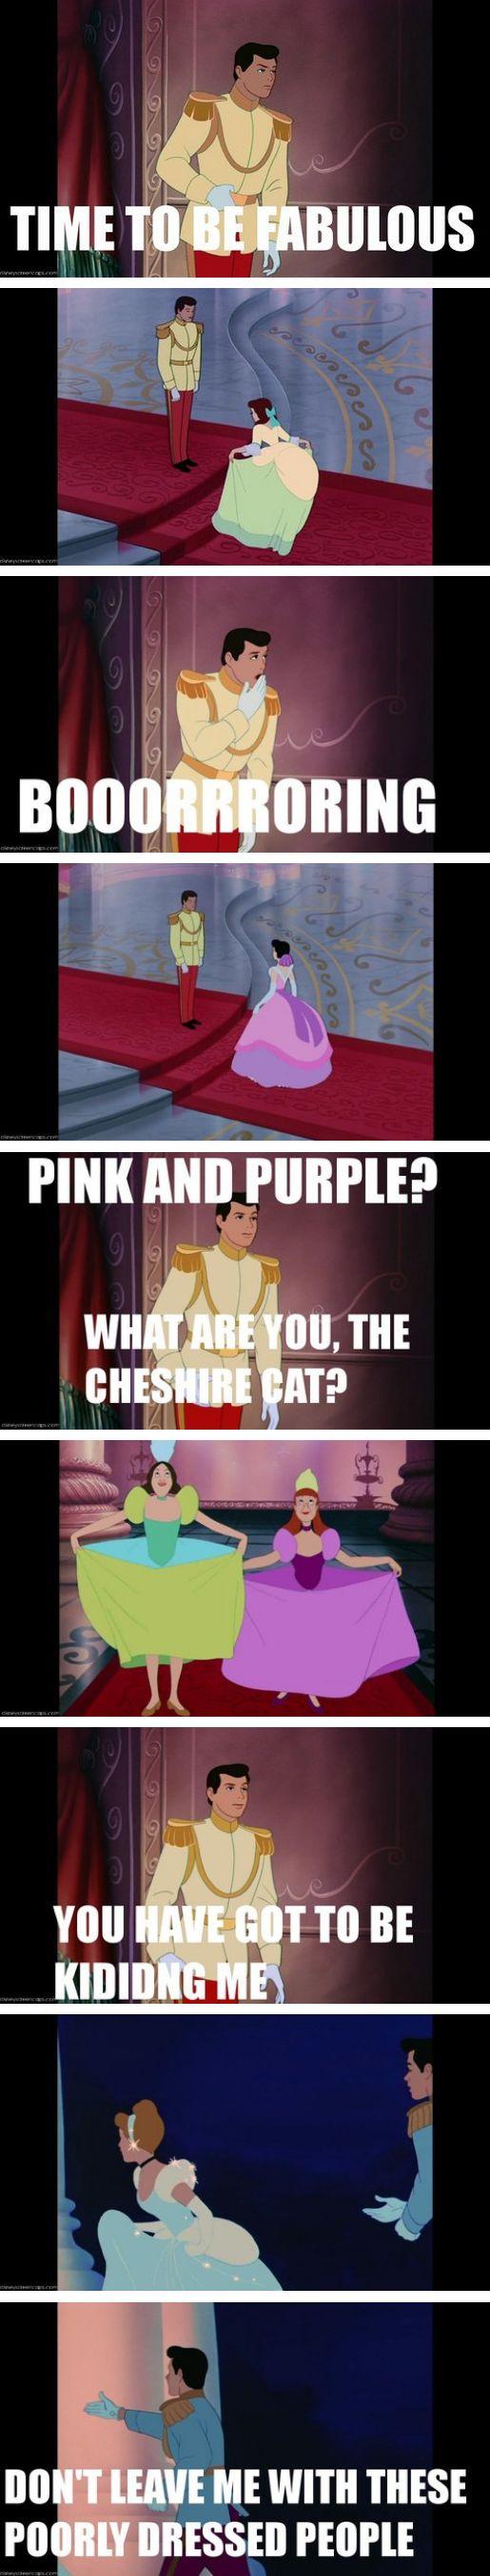 prince charming funny